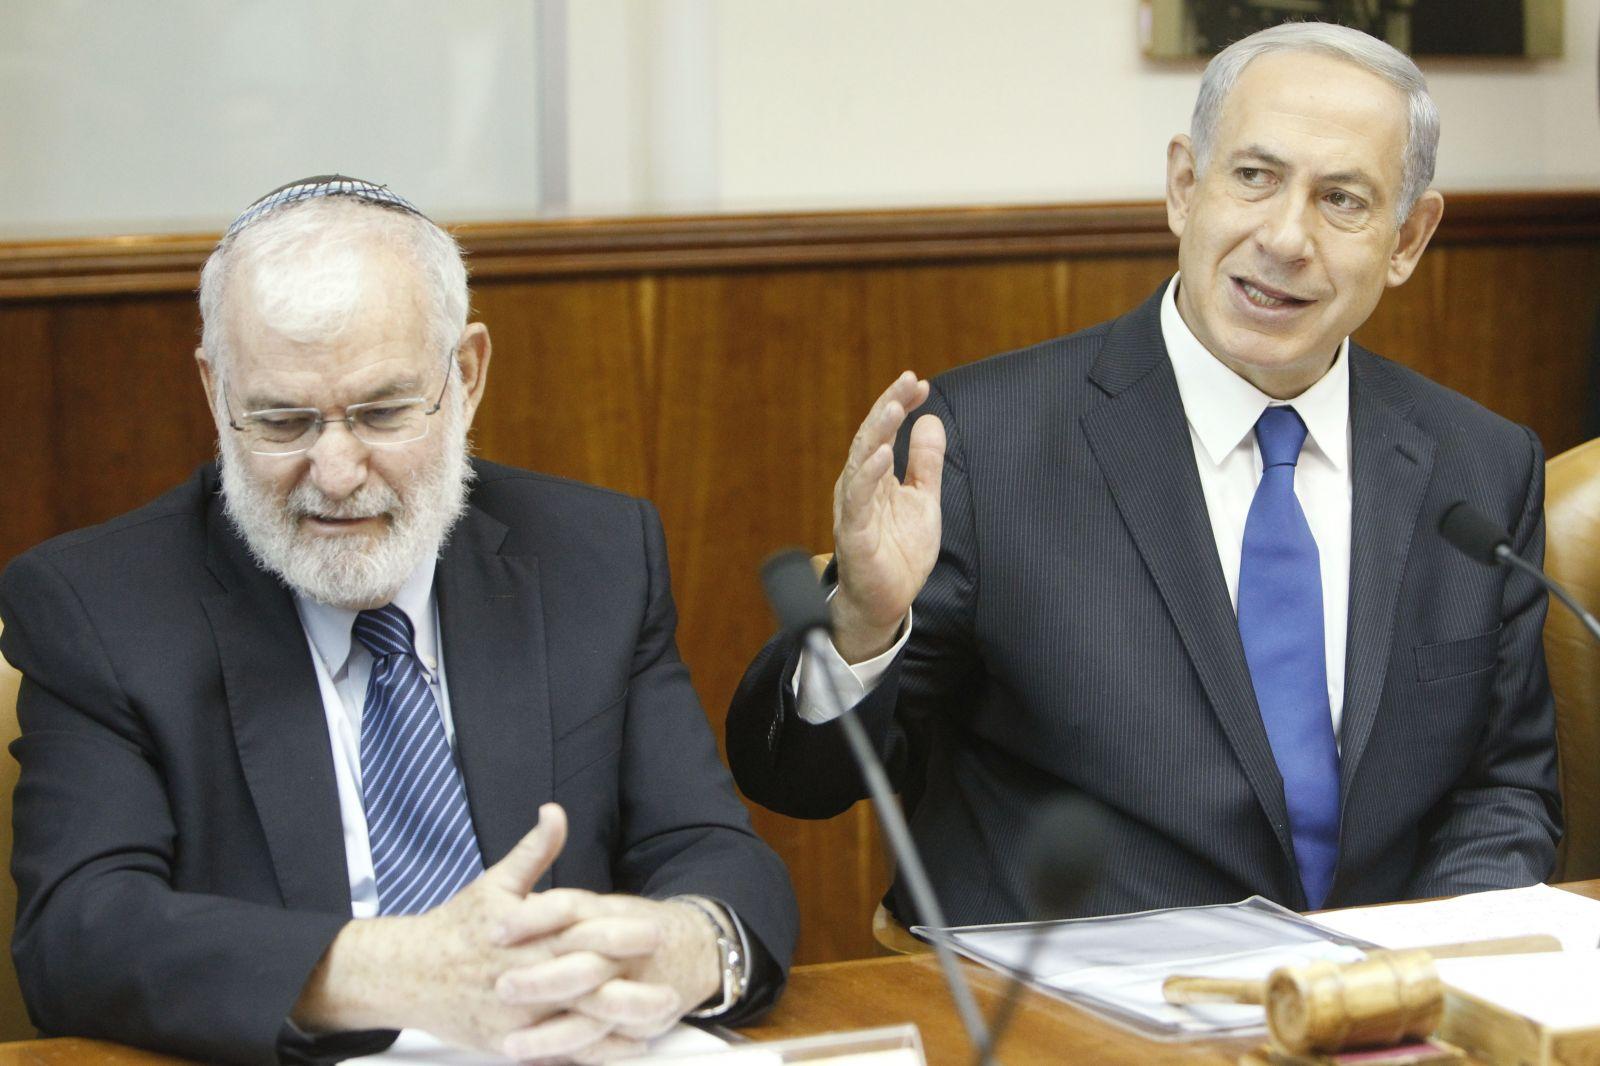 مسؤول إسرائيلي: لا أعتقد أن عزل قطر ذا صلة بضغوطات أميركية